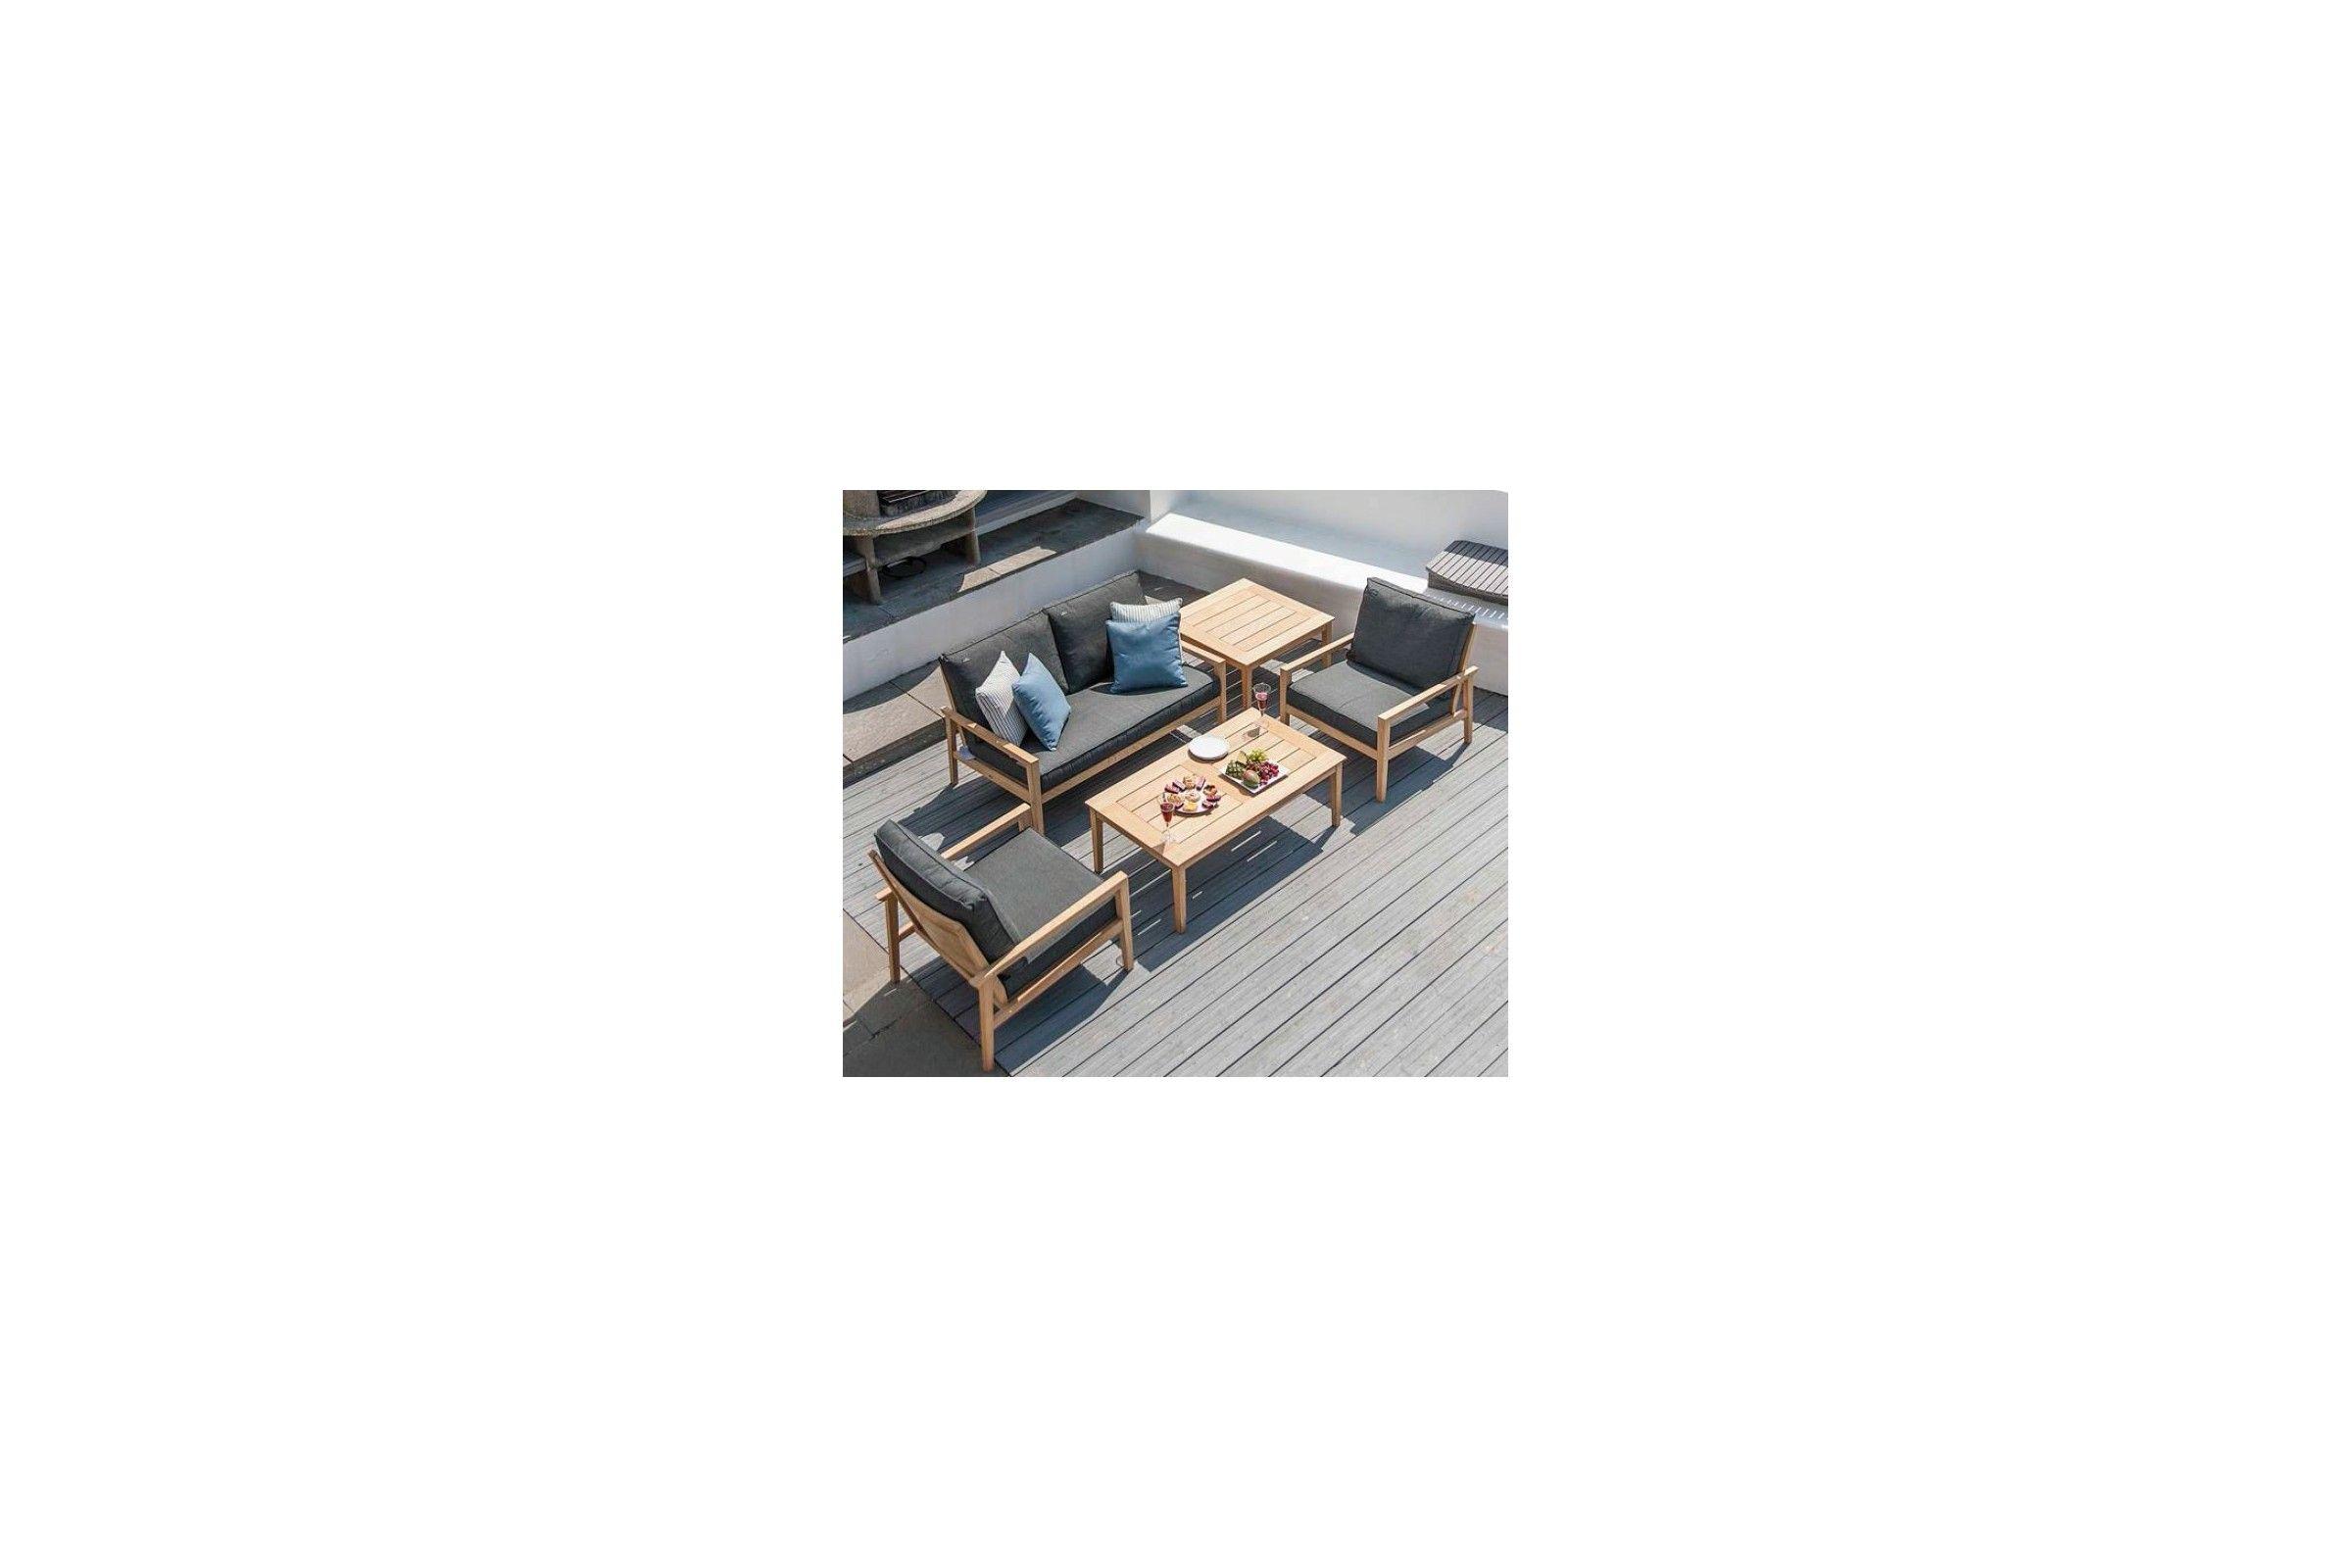 canap lounge pour salon de jardin en bois avec coussin gris fonc haut de gamme la galerie. Black Bedroom Furniture Sets. Home Design Ideas